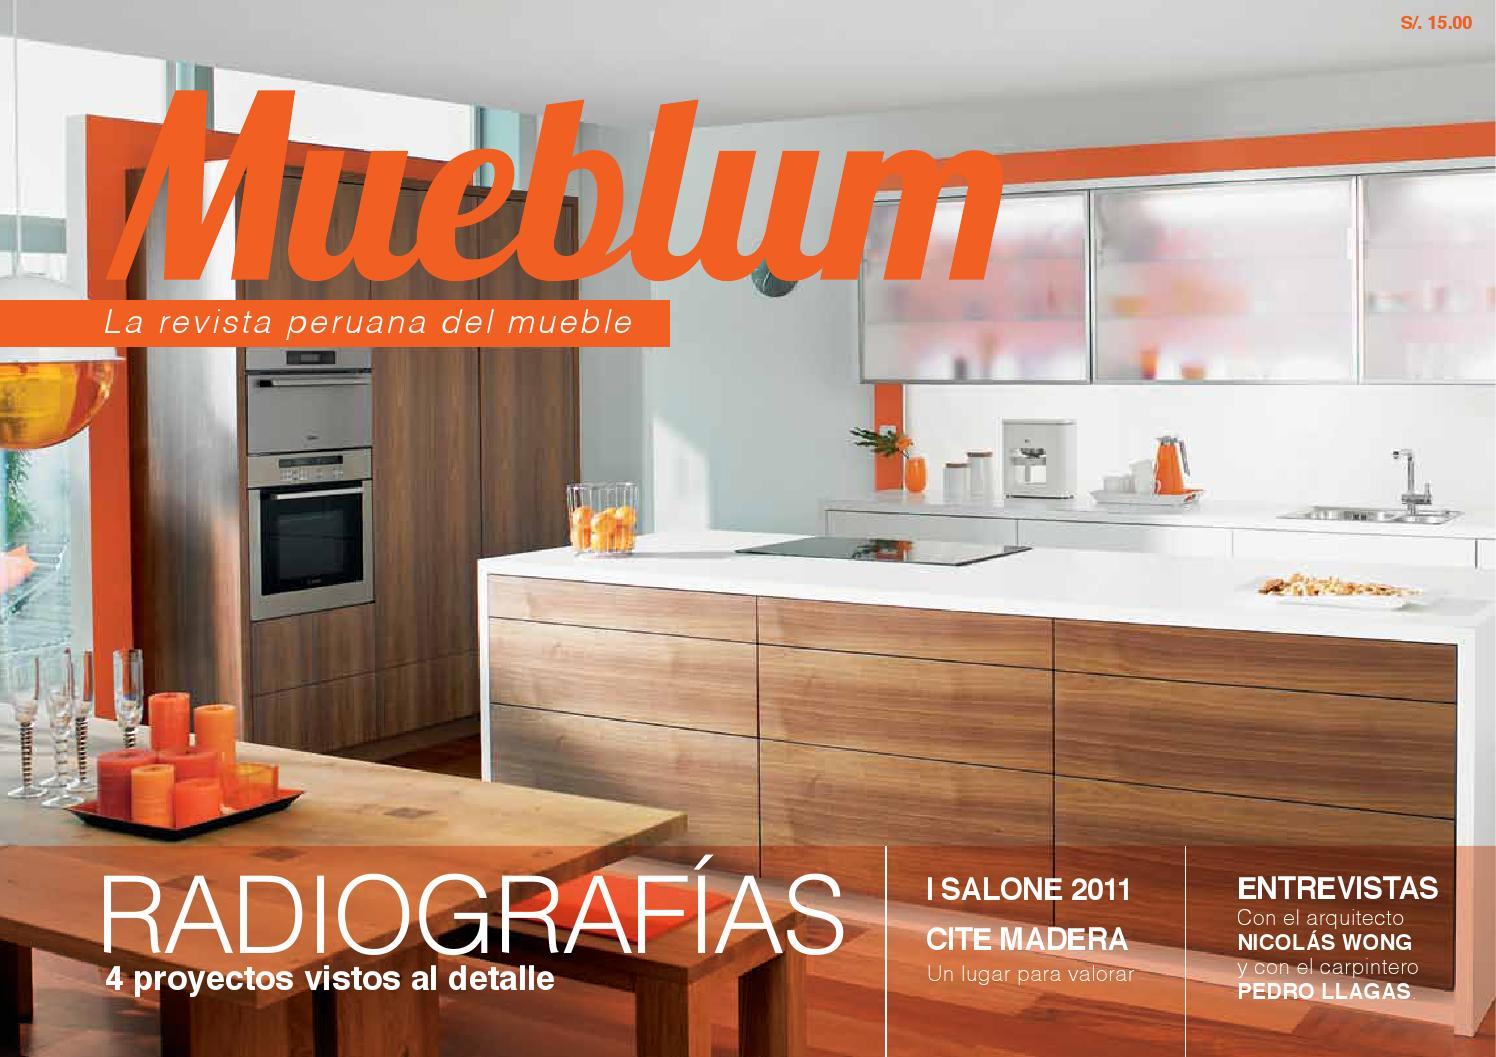 Mueblum n1 by Cinthia Delgado - issuu 3d1589d31a3d